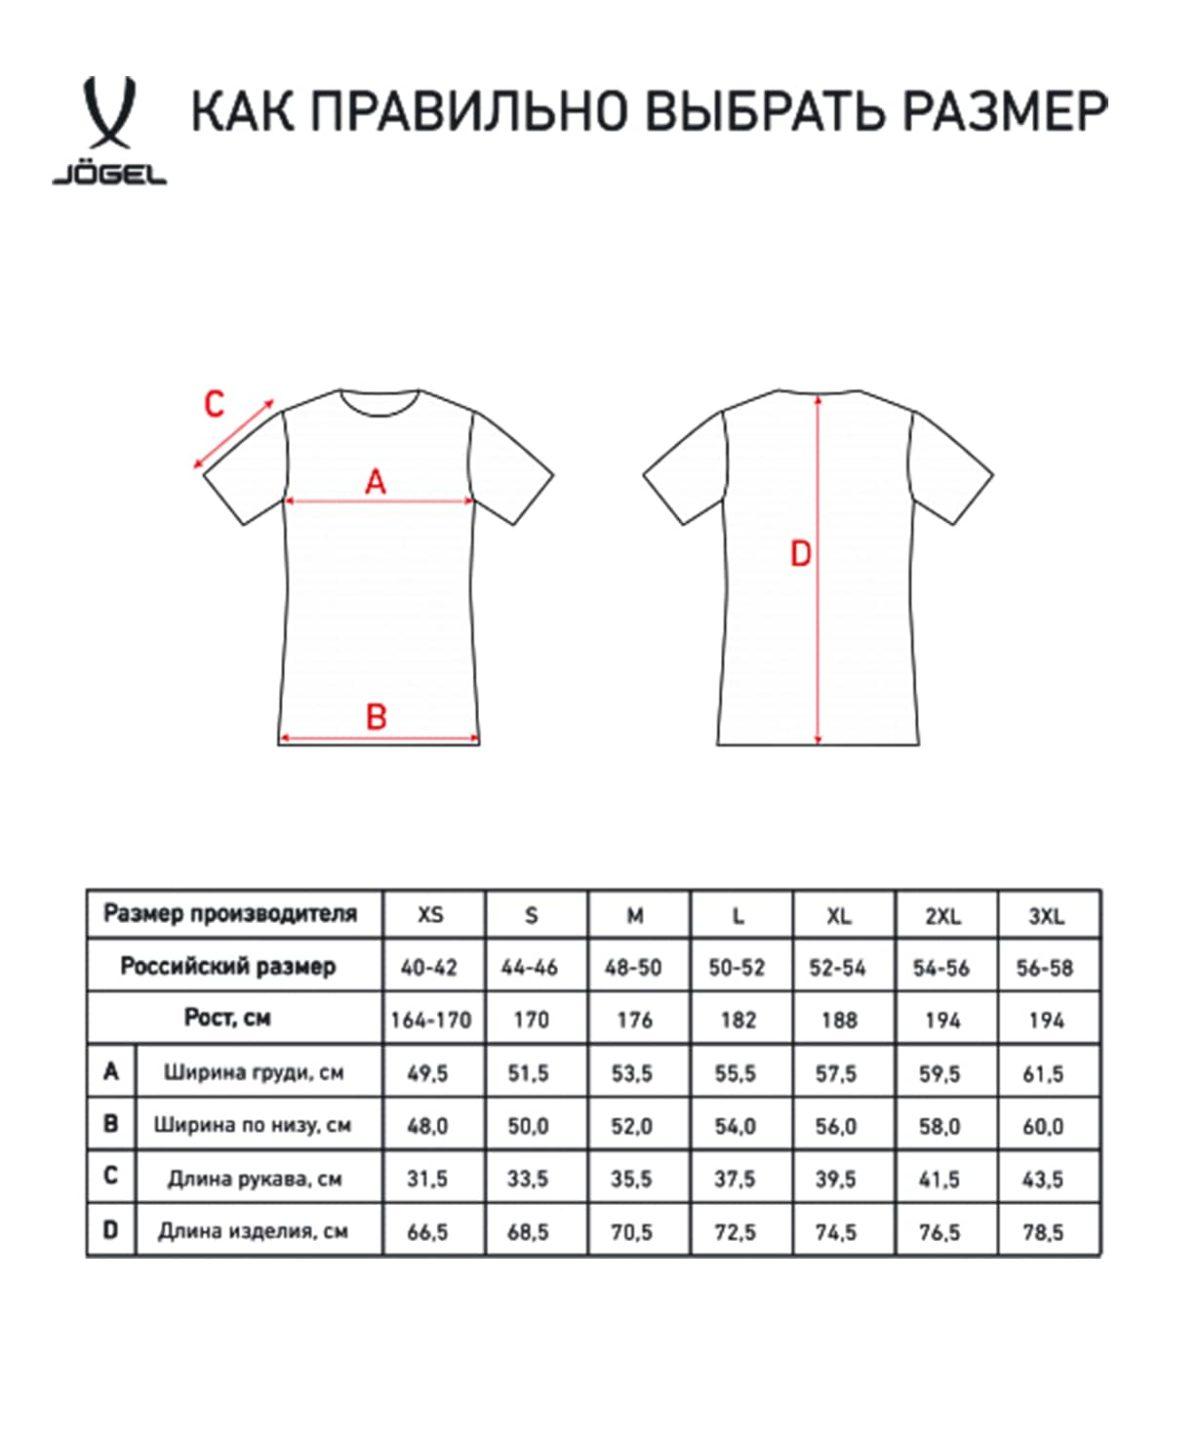 JOGEL DIVISION футболка футбольная Union Jersey: т.красный/белый - 6